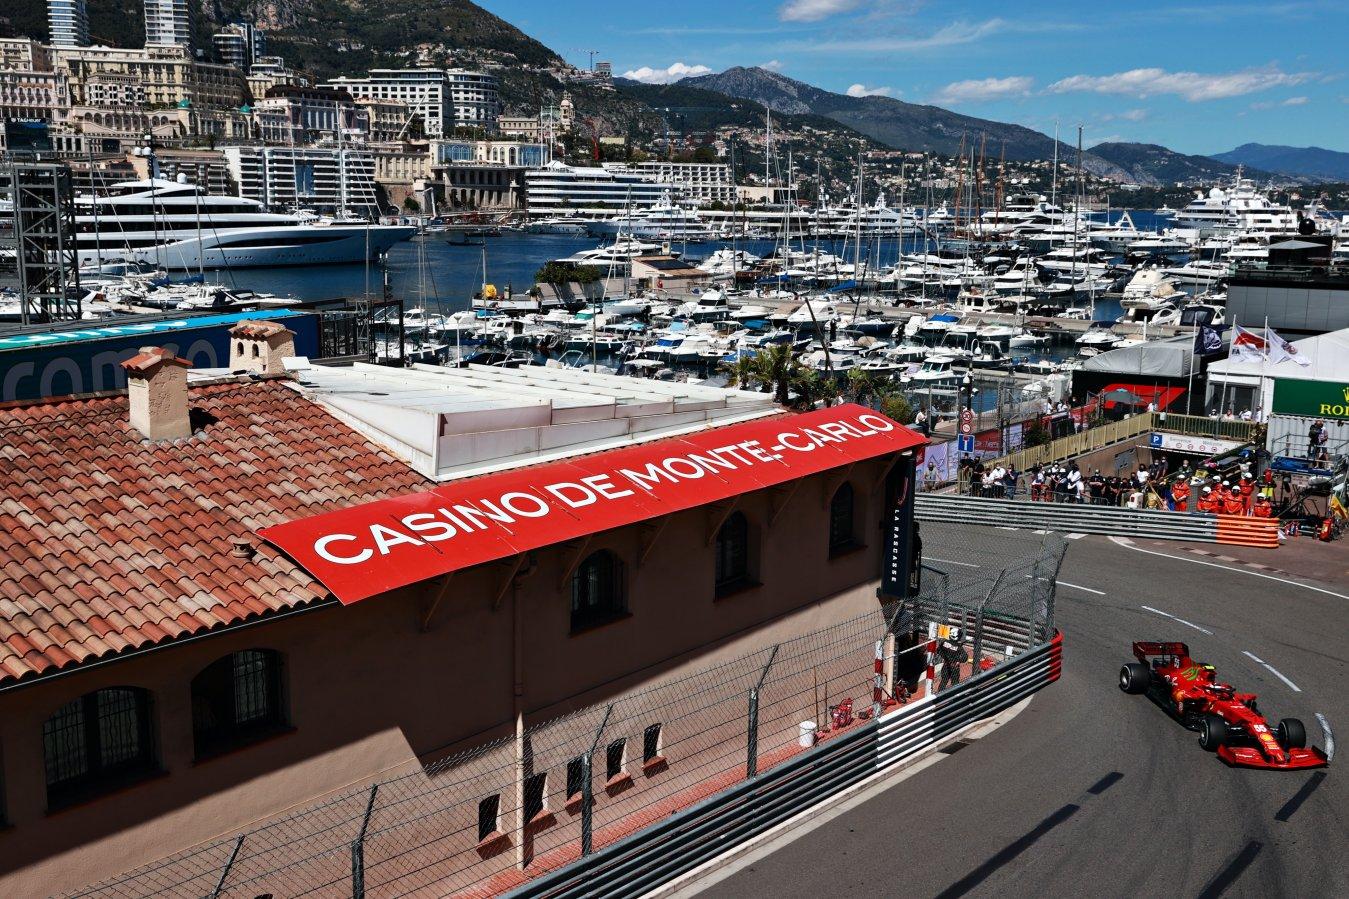 F1 Monaco 2021, Qualifiche - Diretta Sky Sport, Live Monte - Carlo TV8